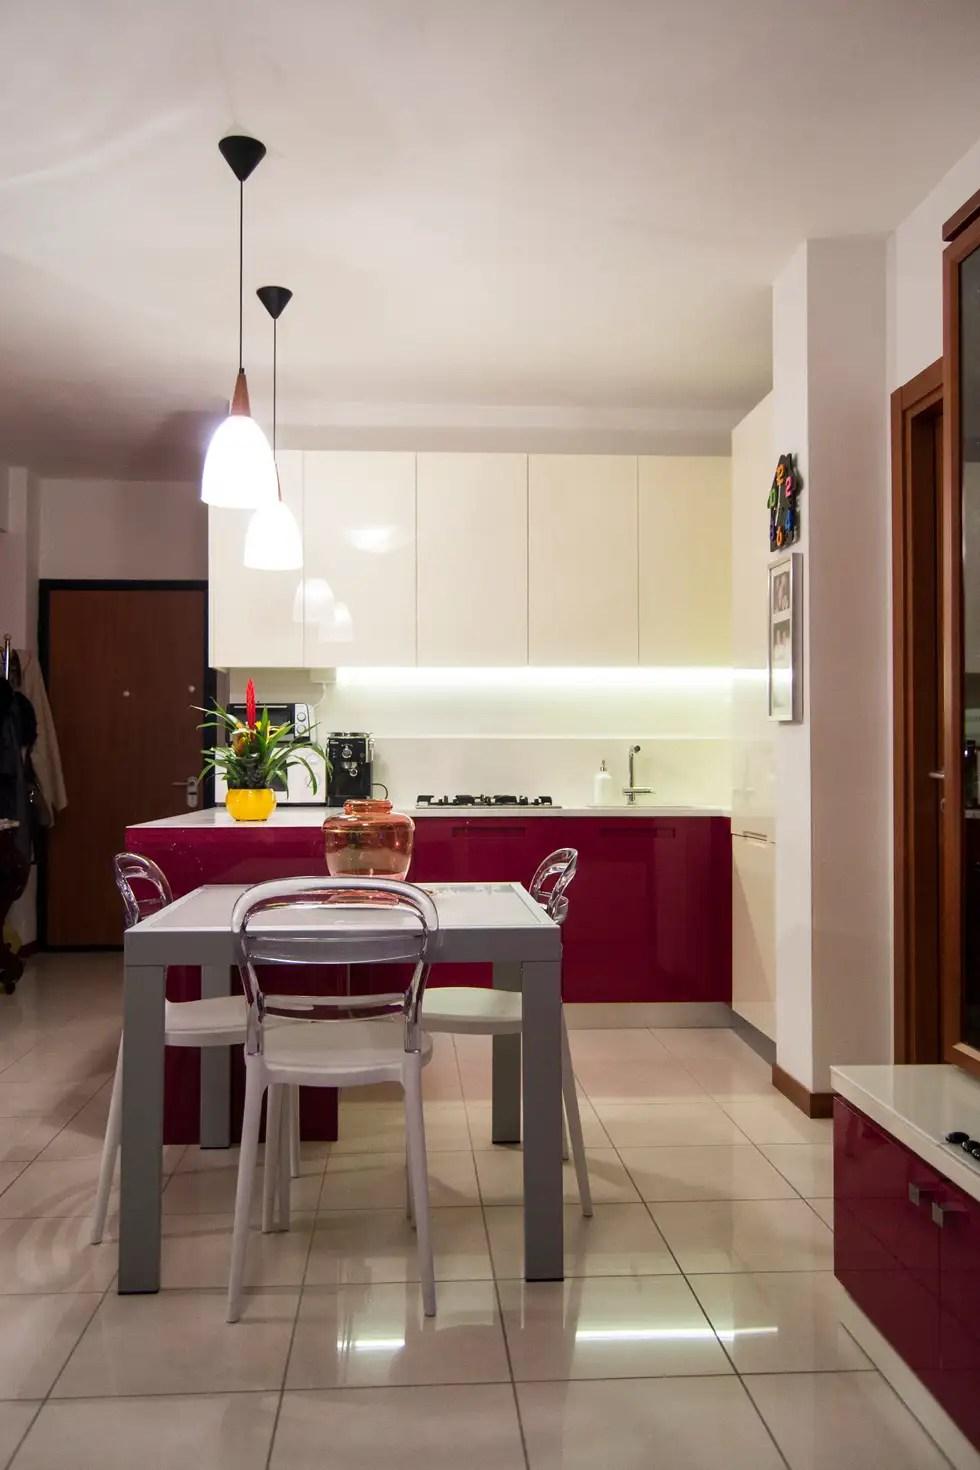 Cucina Moderna Rossa E Bianca | Cucina Bianca Rossa